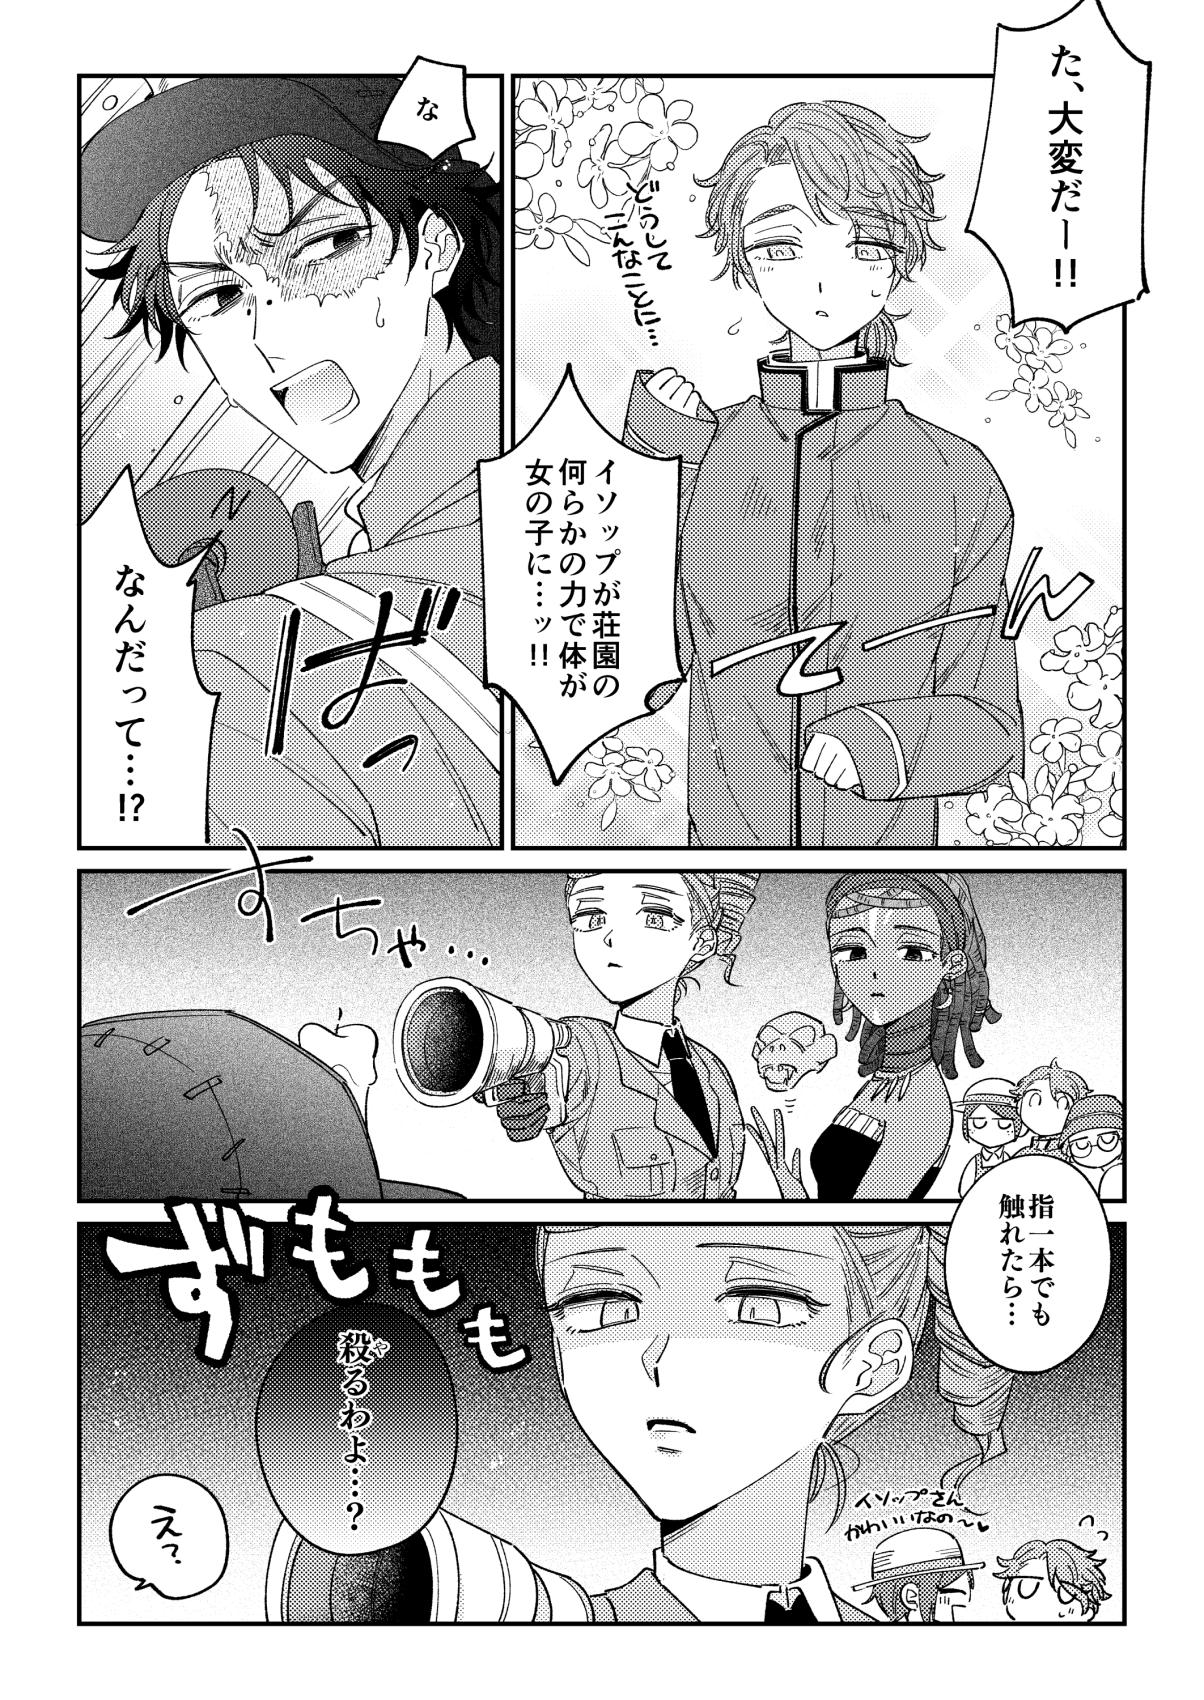 クソ雑魚チャン on Twitter: